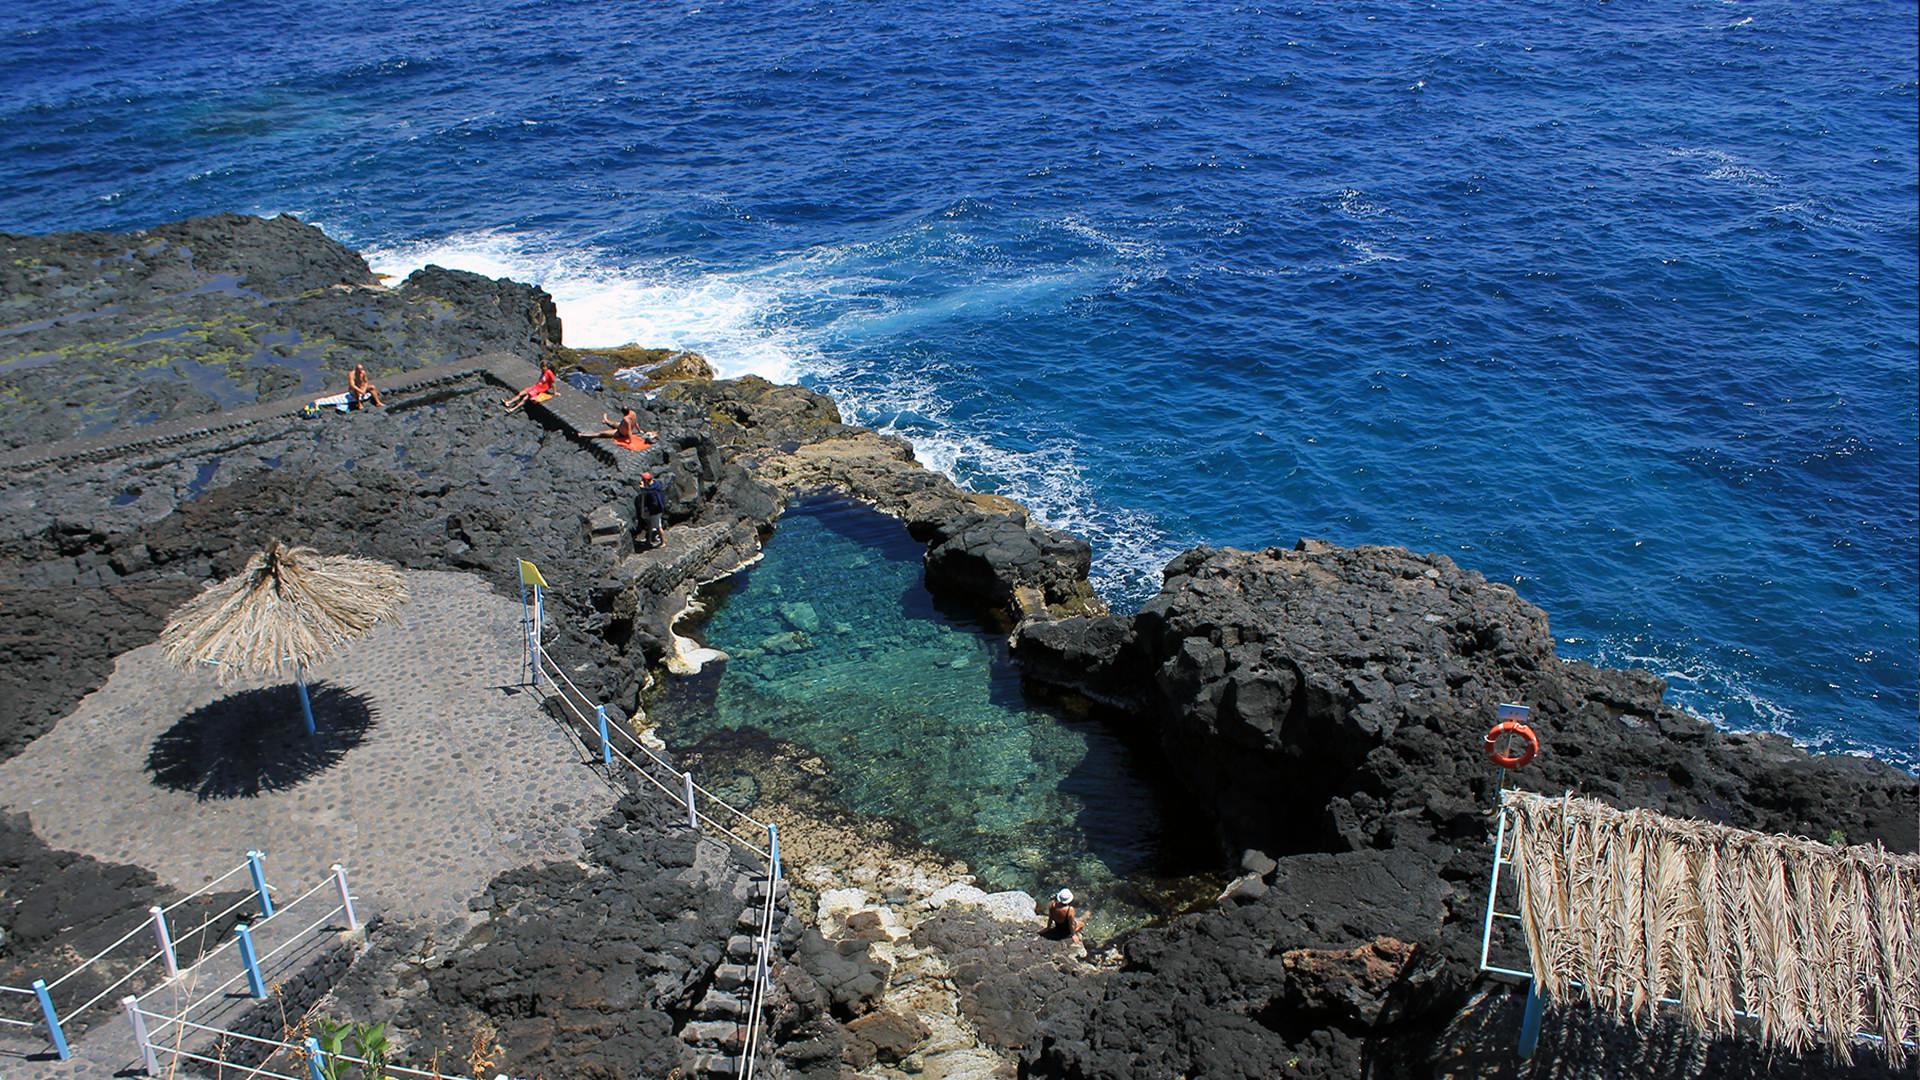 le spiaggie più belle de la Palma Canarie charco-azul-charco-de-las-damas